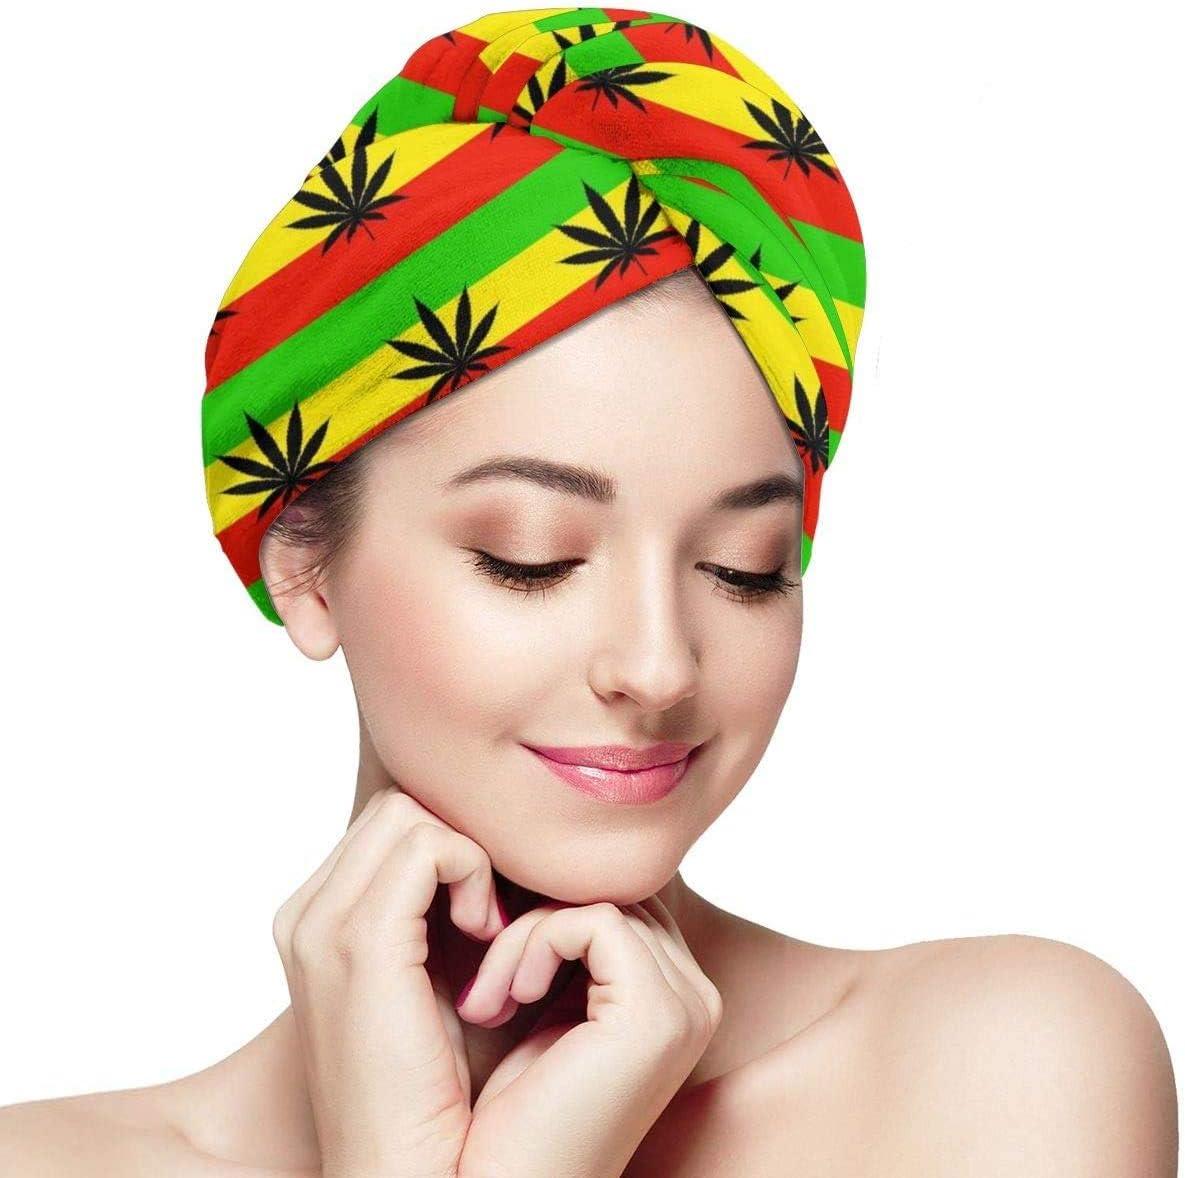 Marihuana Leaf Flags Cannabis Weeds Mujeres Toalla para el Cabello Anti Frizz Ultra Absorbent Dry Hair Hat Secado Rápido Ducha Cabello Turbante para Secar el Cabello Mojado